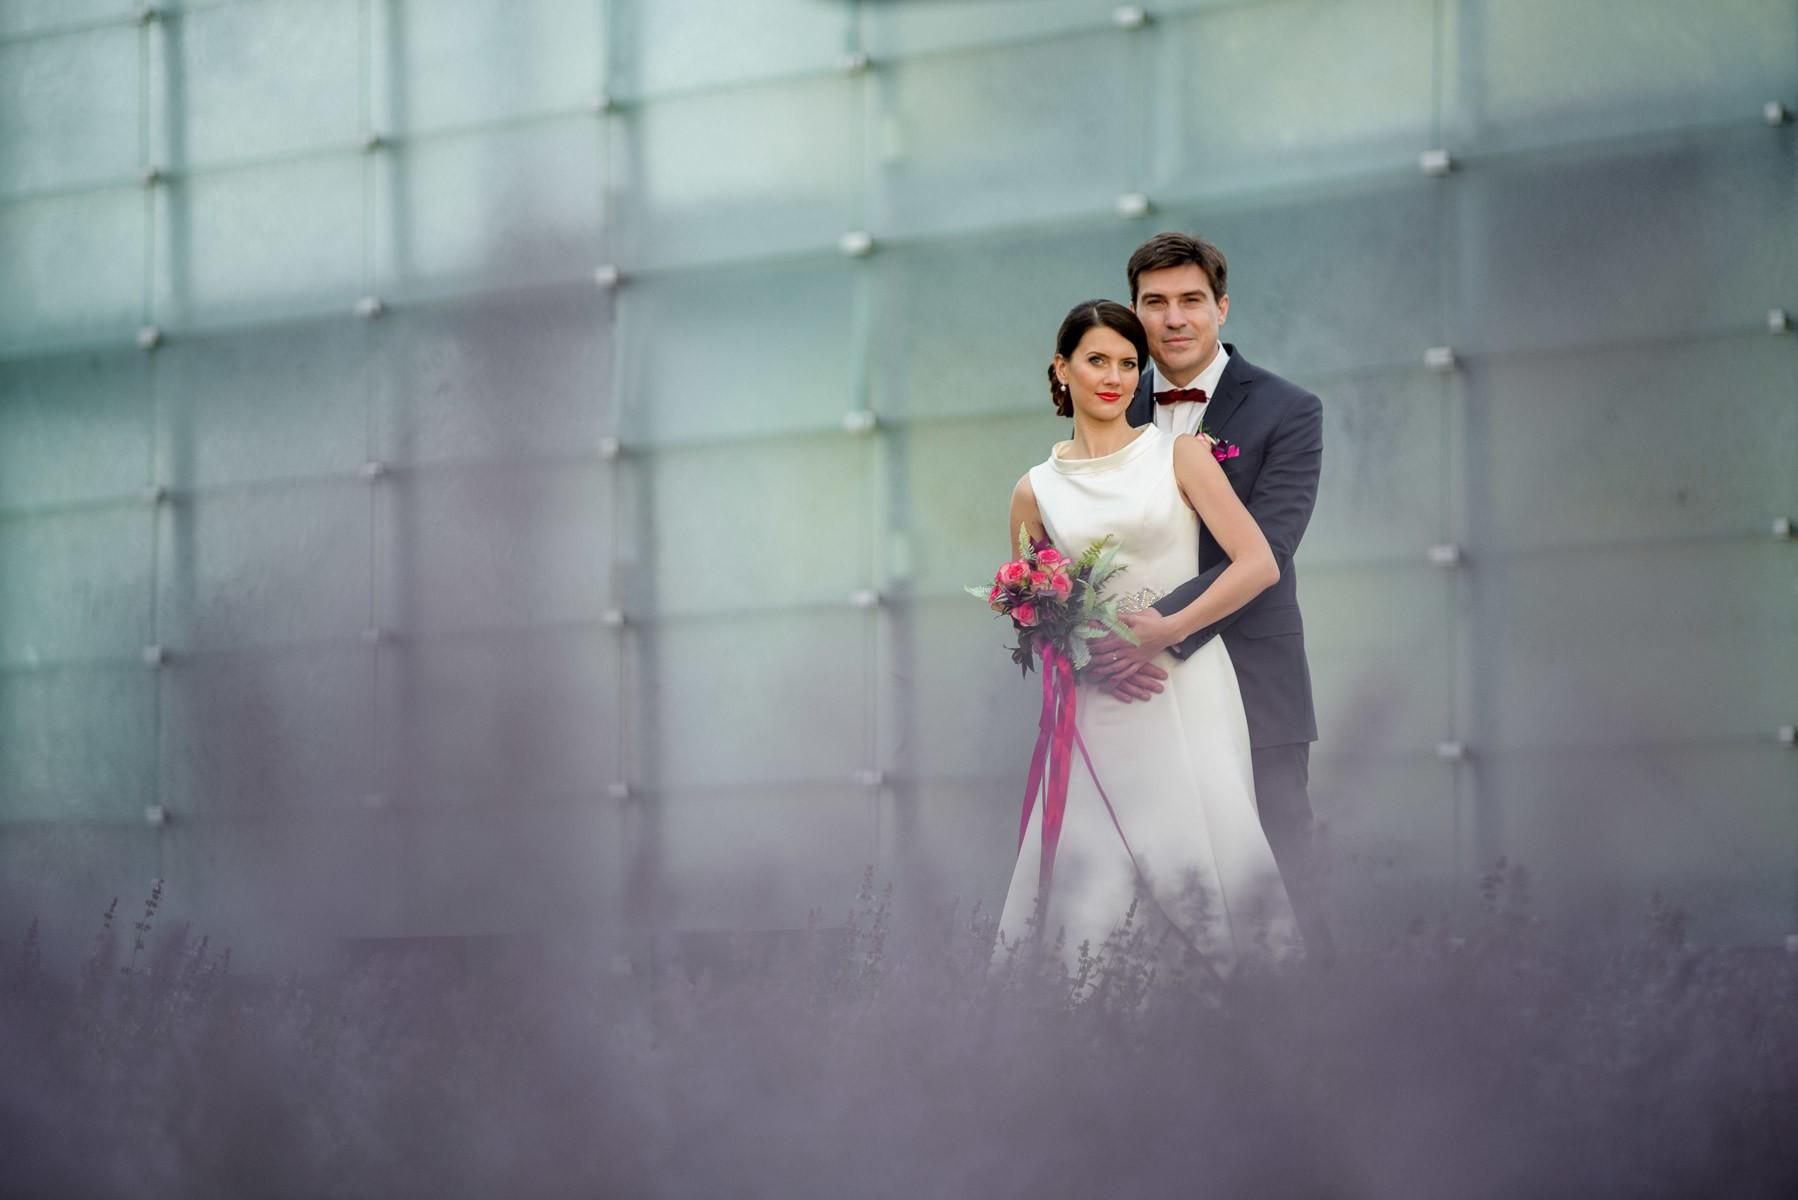 ładne zdjęcia ślubne Śląsk